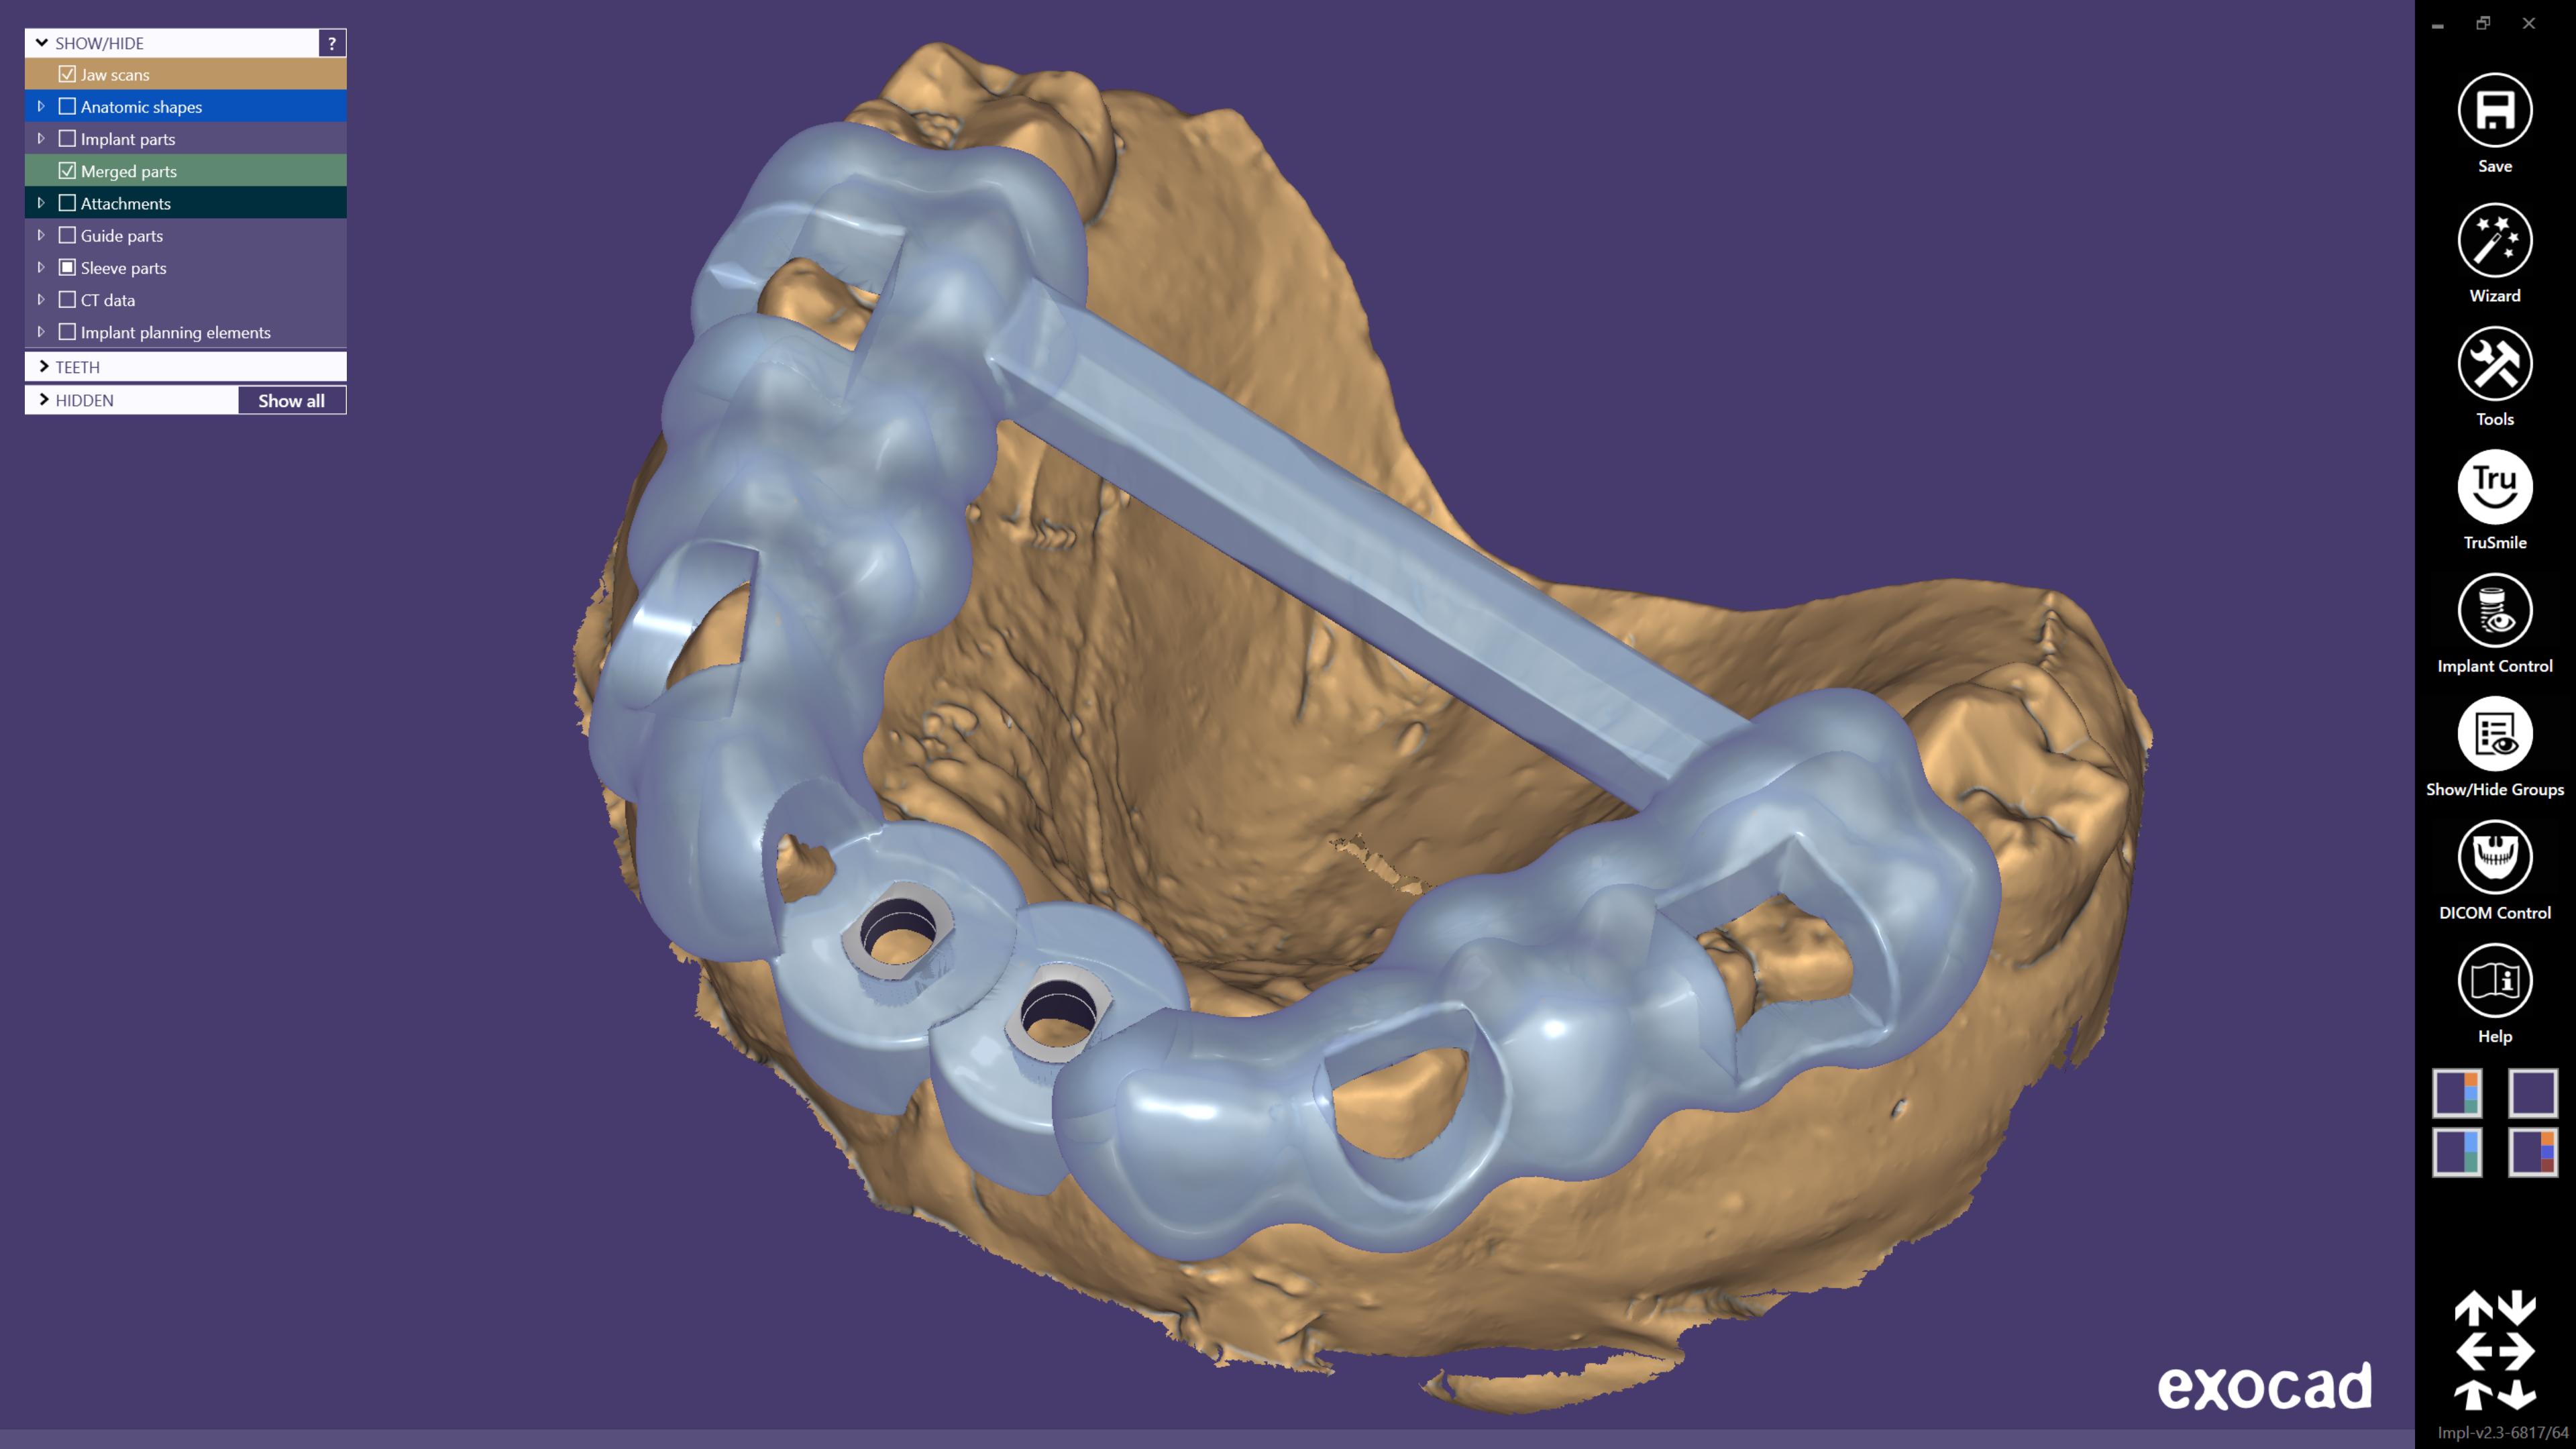 exoplan - podporované implantátové systémy